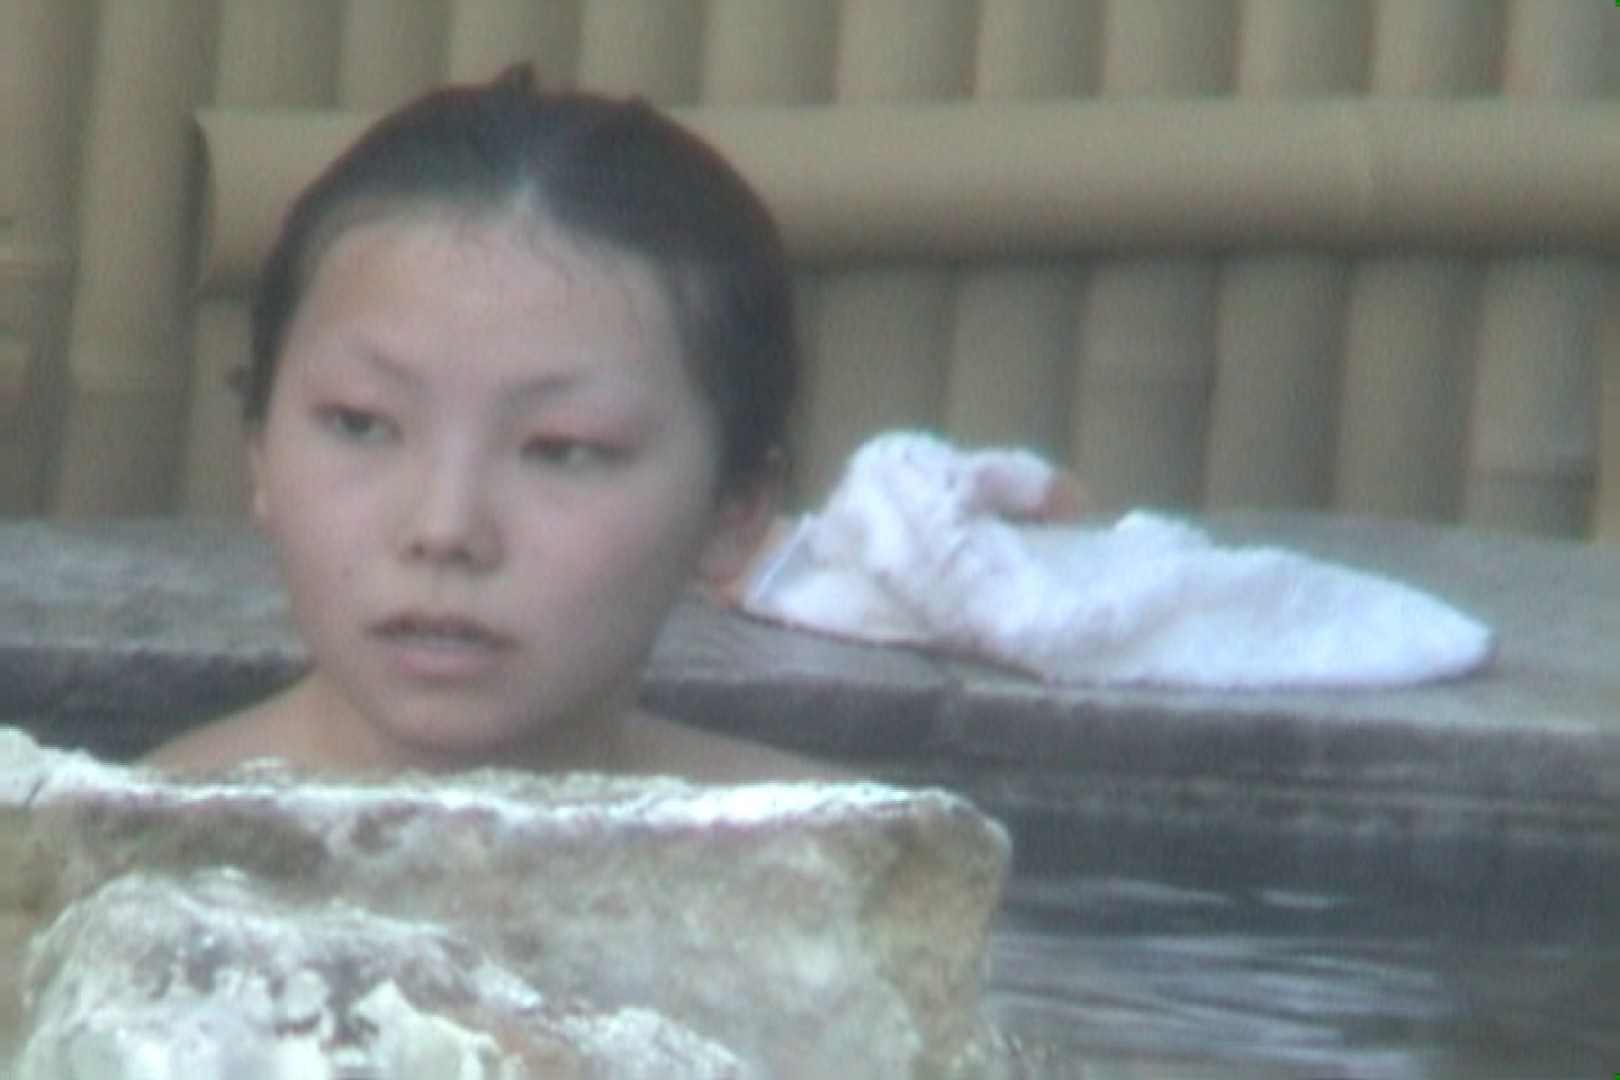 Aquaな露天風呂Vol.572 OLのエロ生活  52連発 36